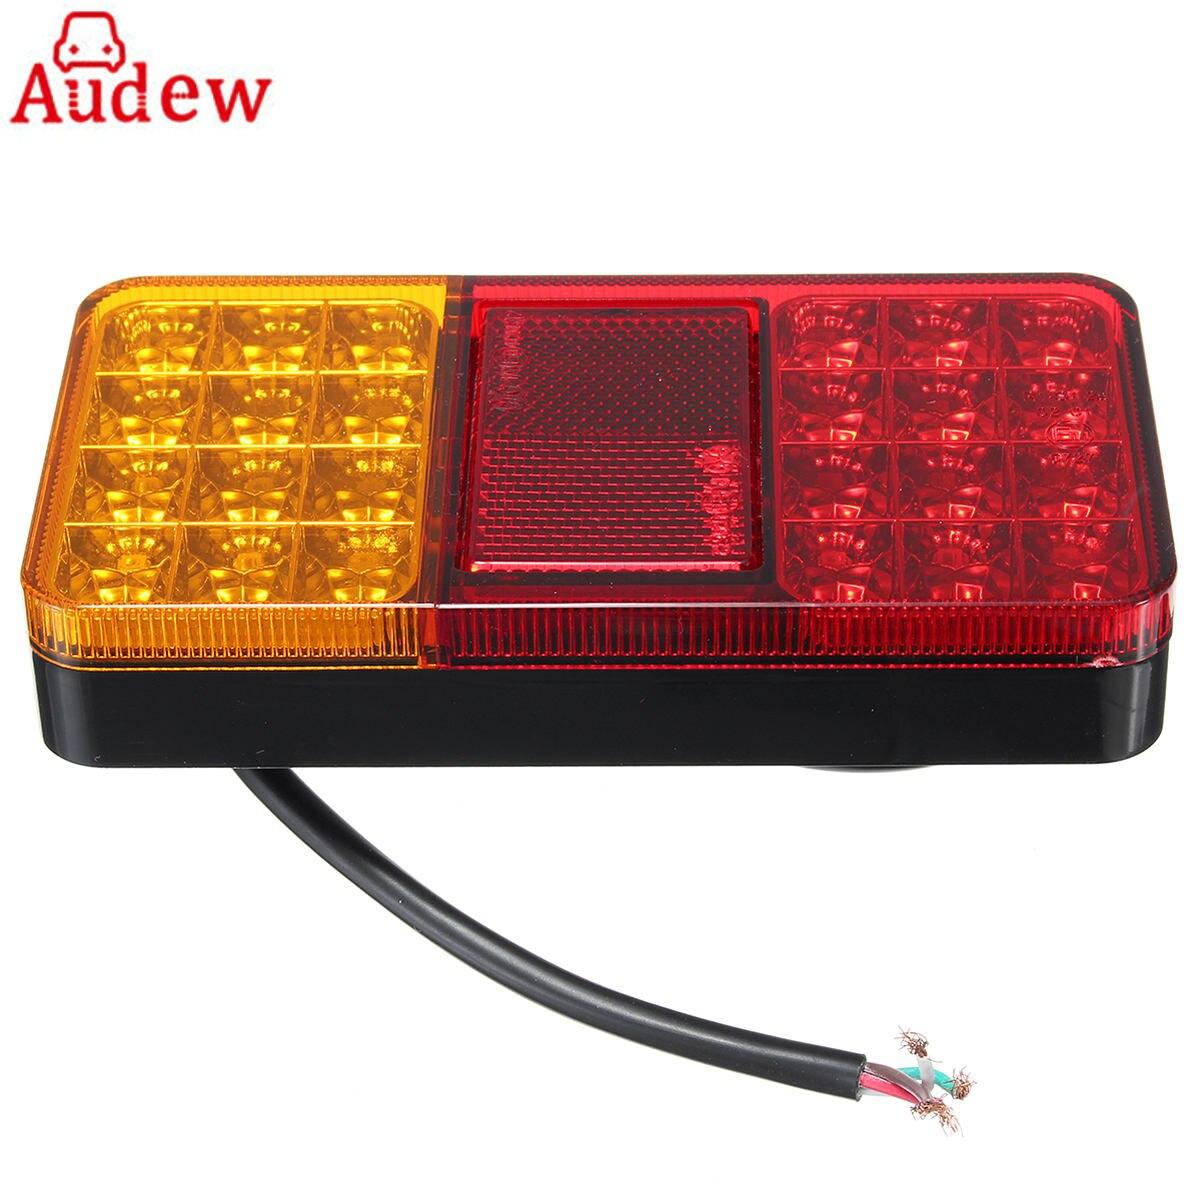 24LED 12 V camión remolque luces traseras luces de freno detener cola Turn indicador lámparas LED para el coche remolques camiones Utes barcos